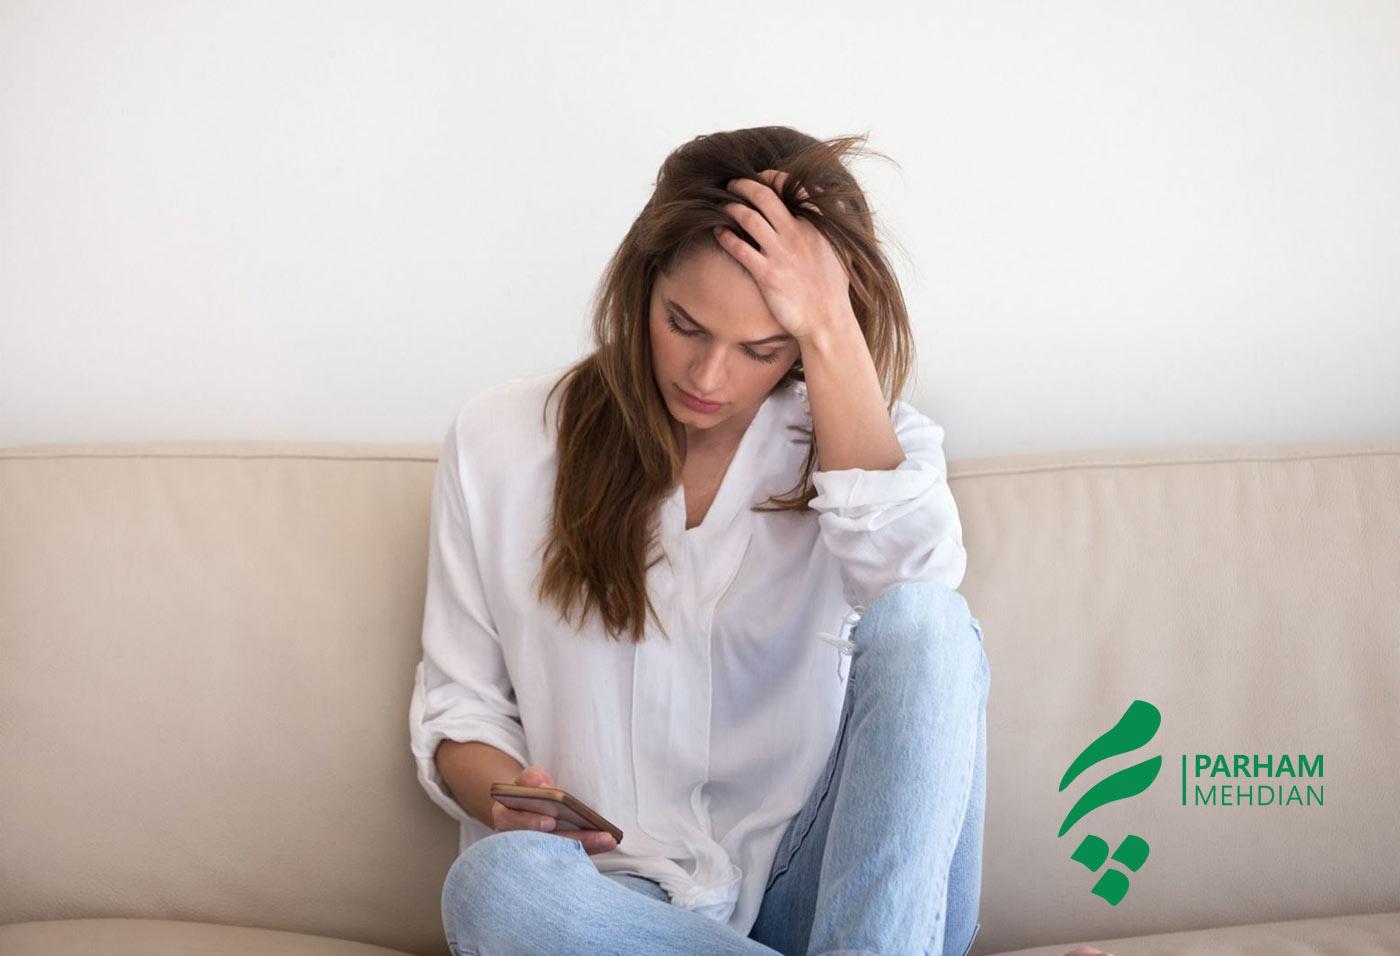 راهکارهایی برای مواجهه با مشکلات ناشی از احساسات